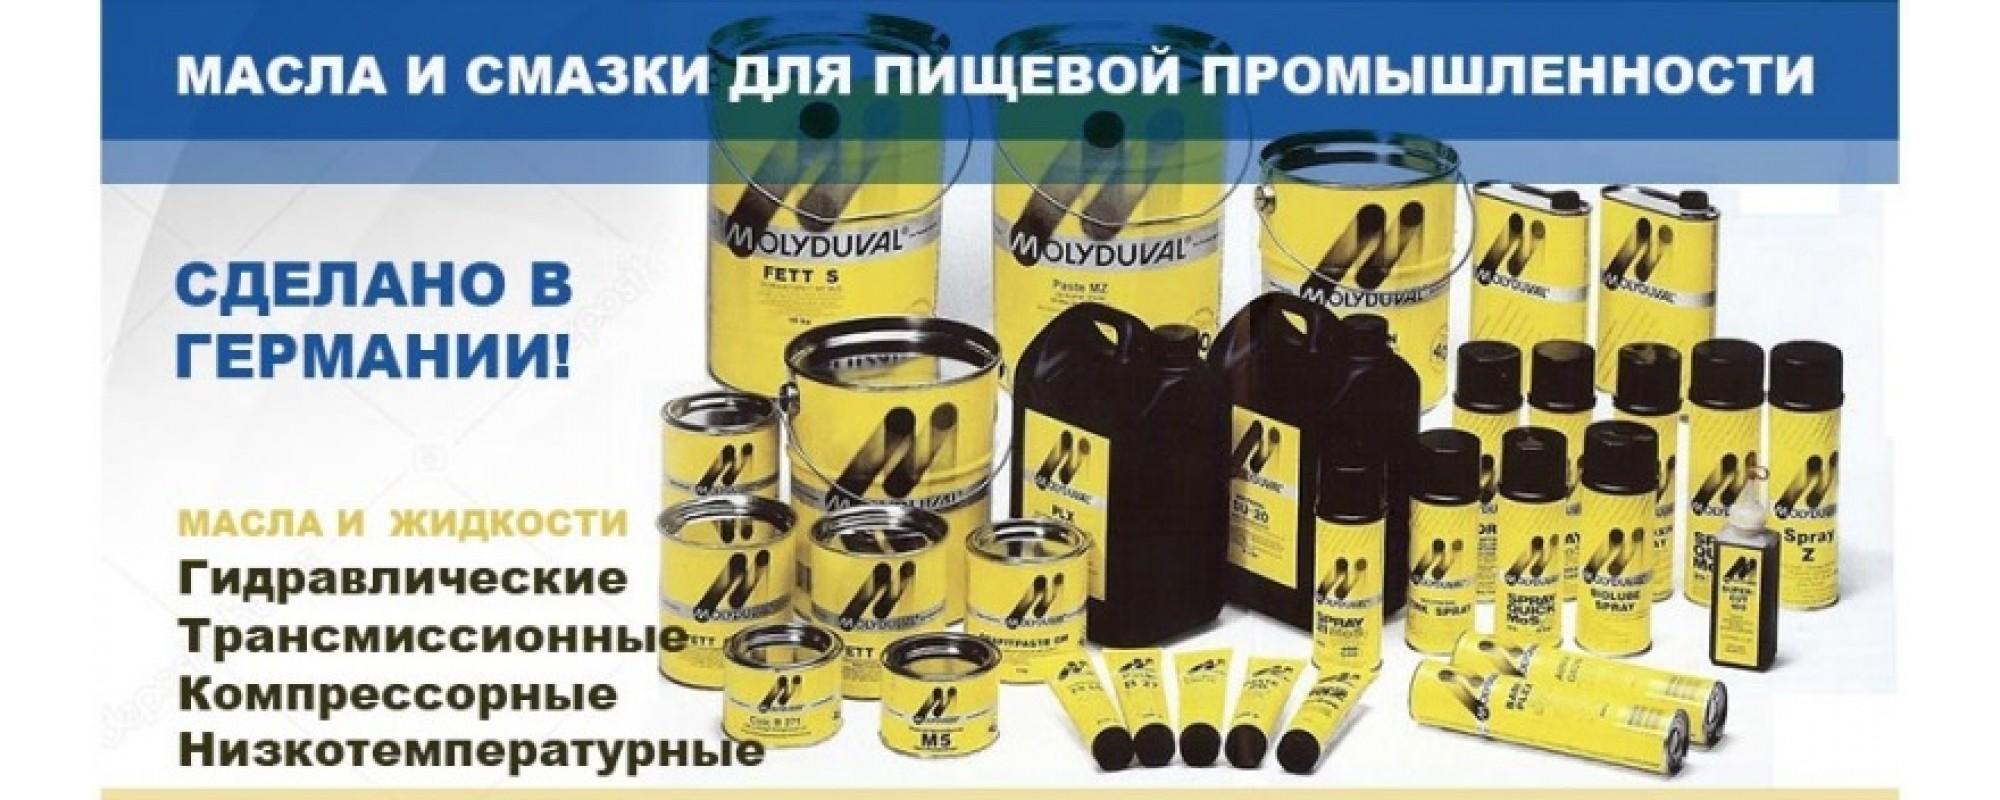 Промышленные масла и смазки, пищевые смазки MOLYDUVAL